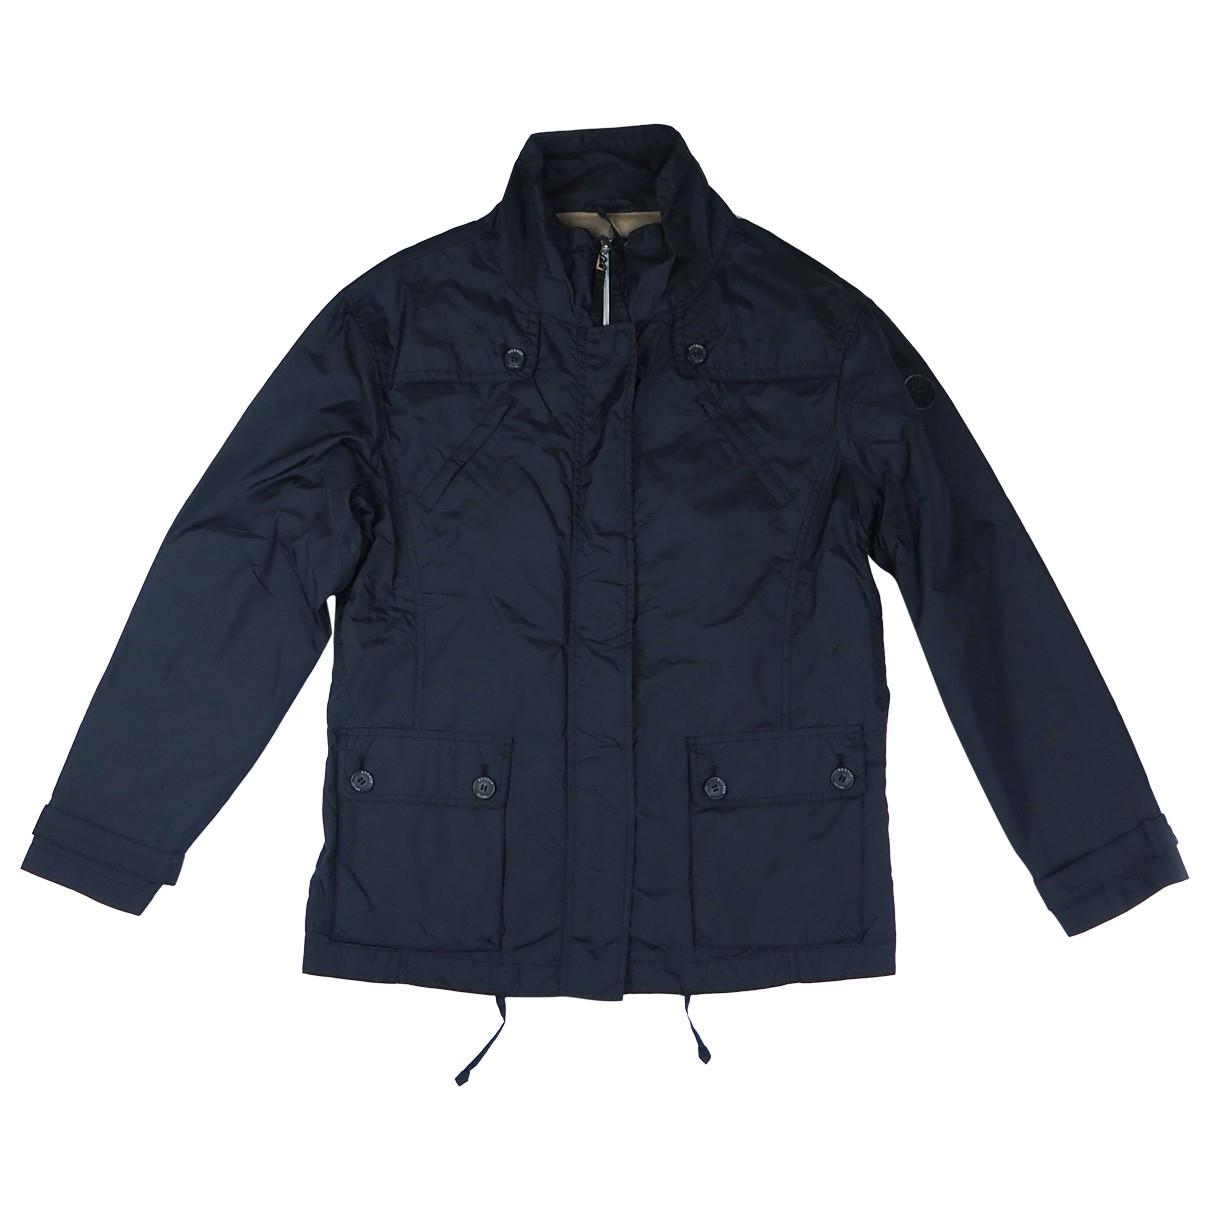 Bogner \N Navy jacket  for Men L International